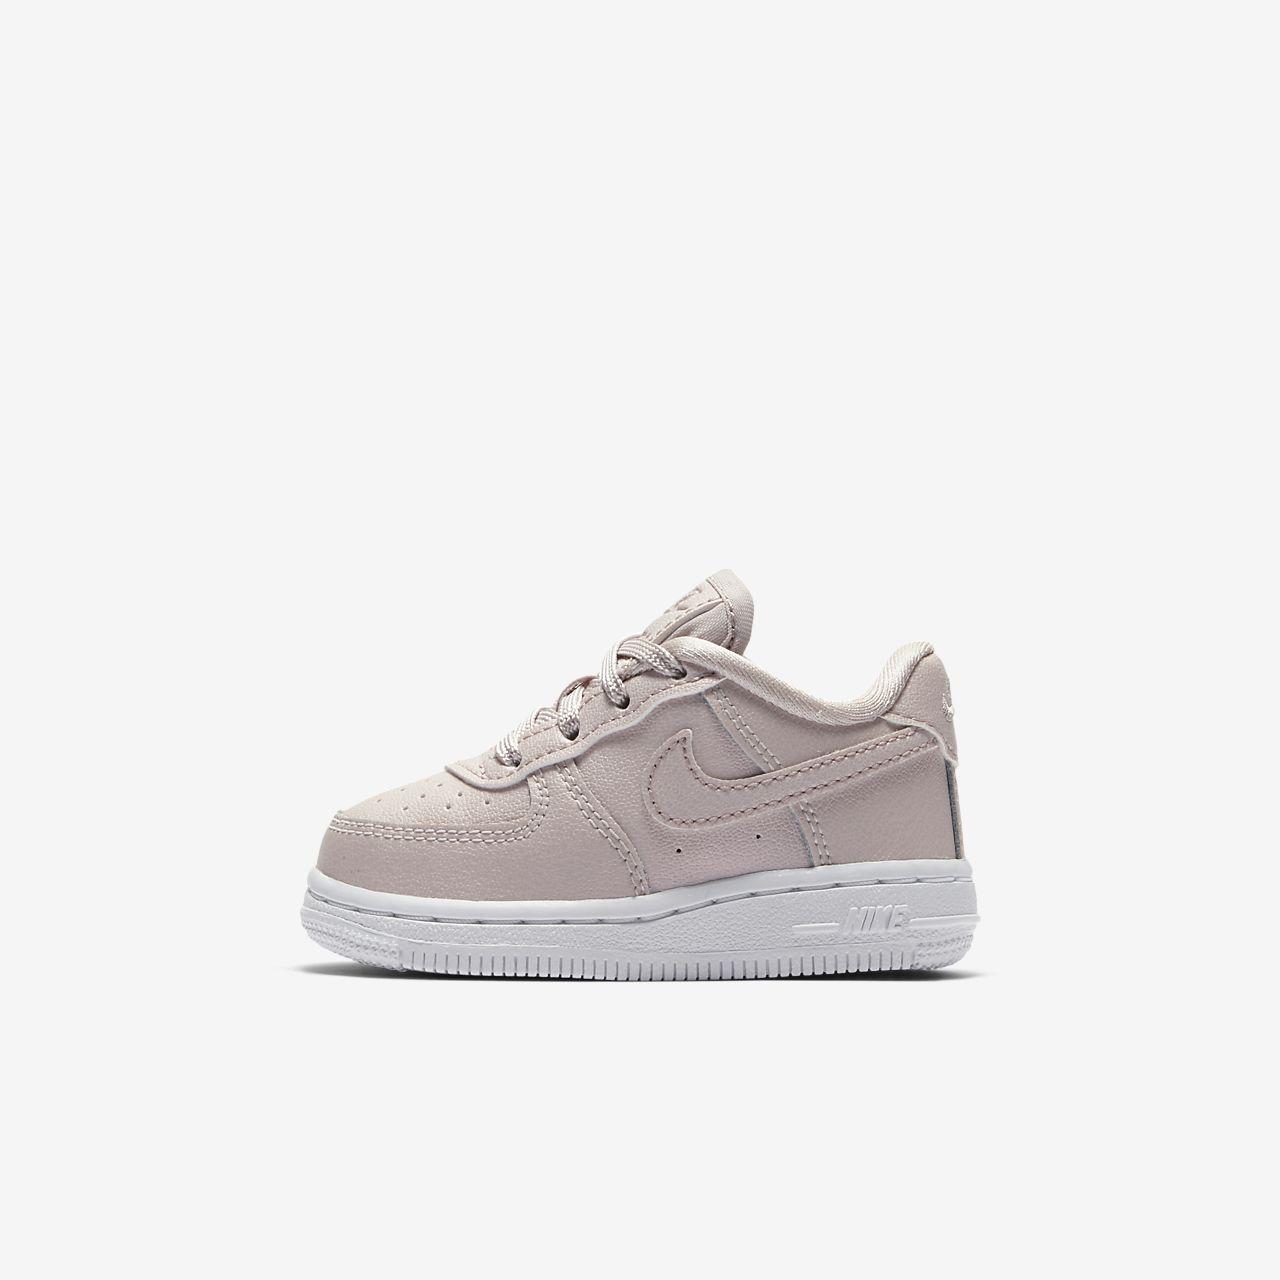 save off 317a9 98708 Chaussure Fr 1 Petit Bébé Pour Nike Et Force Enfant qqpTEPxFw Ss BZwHqRw